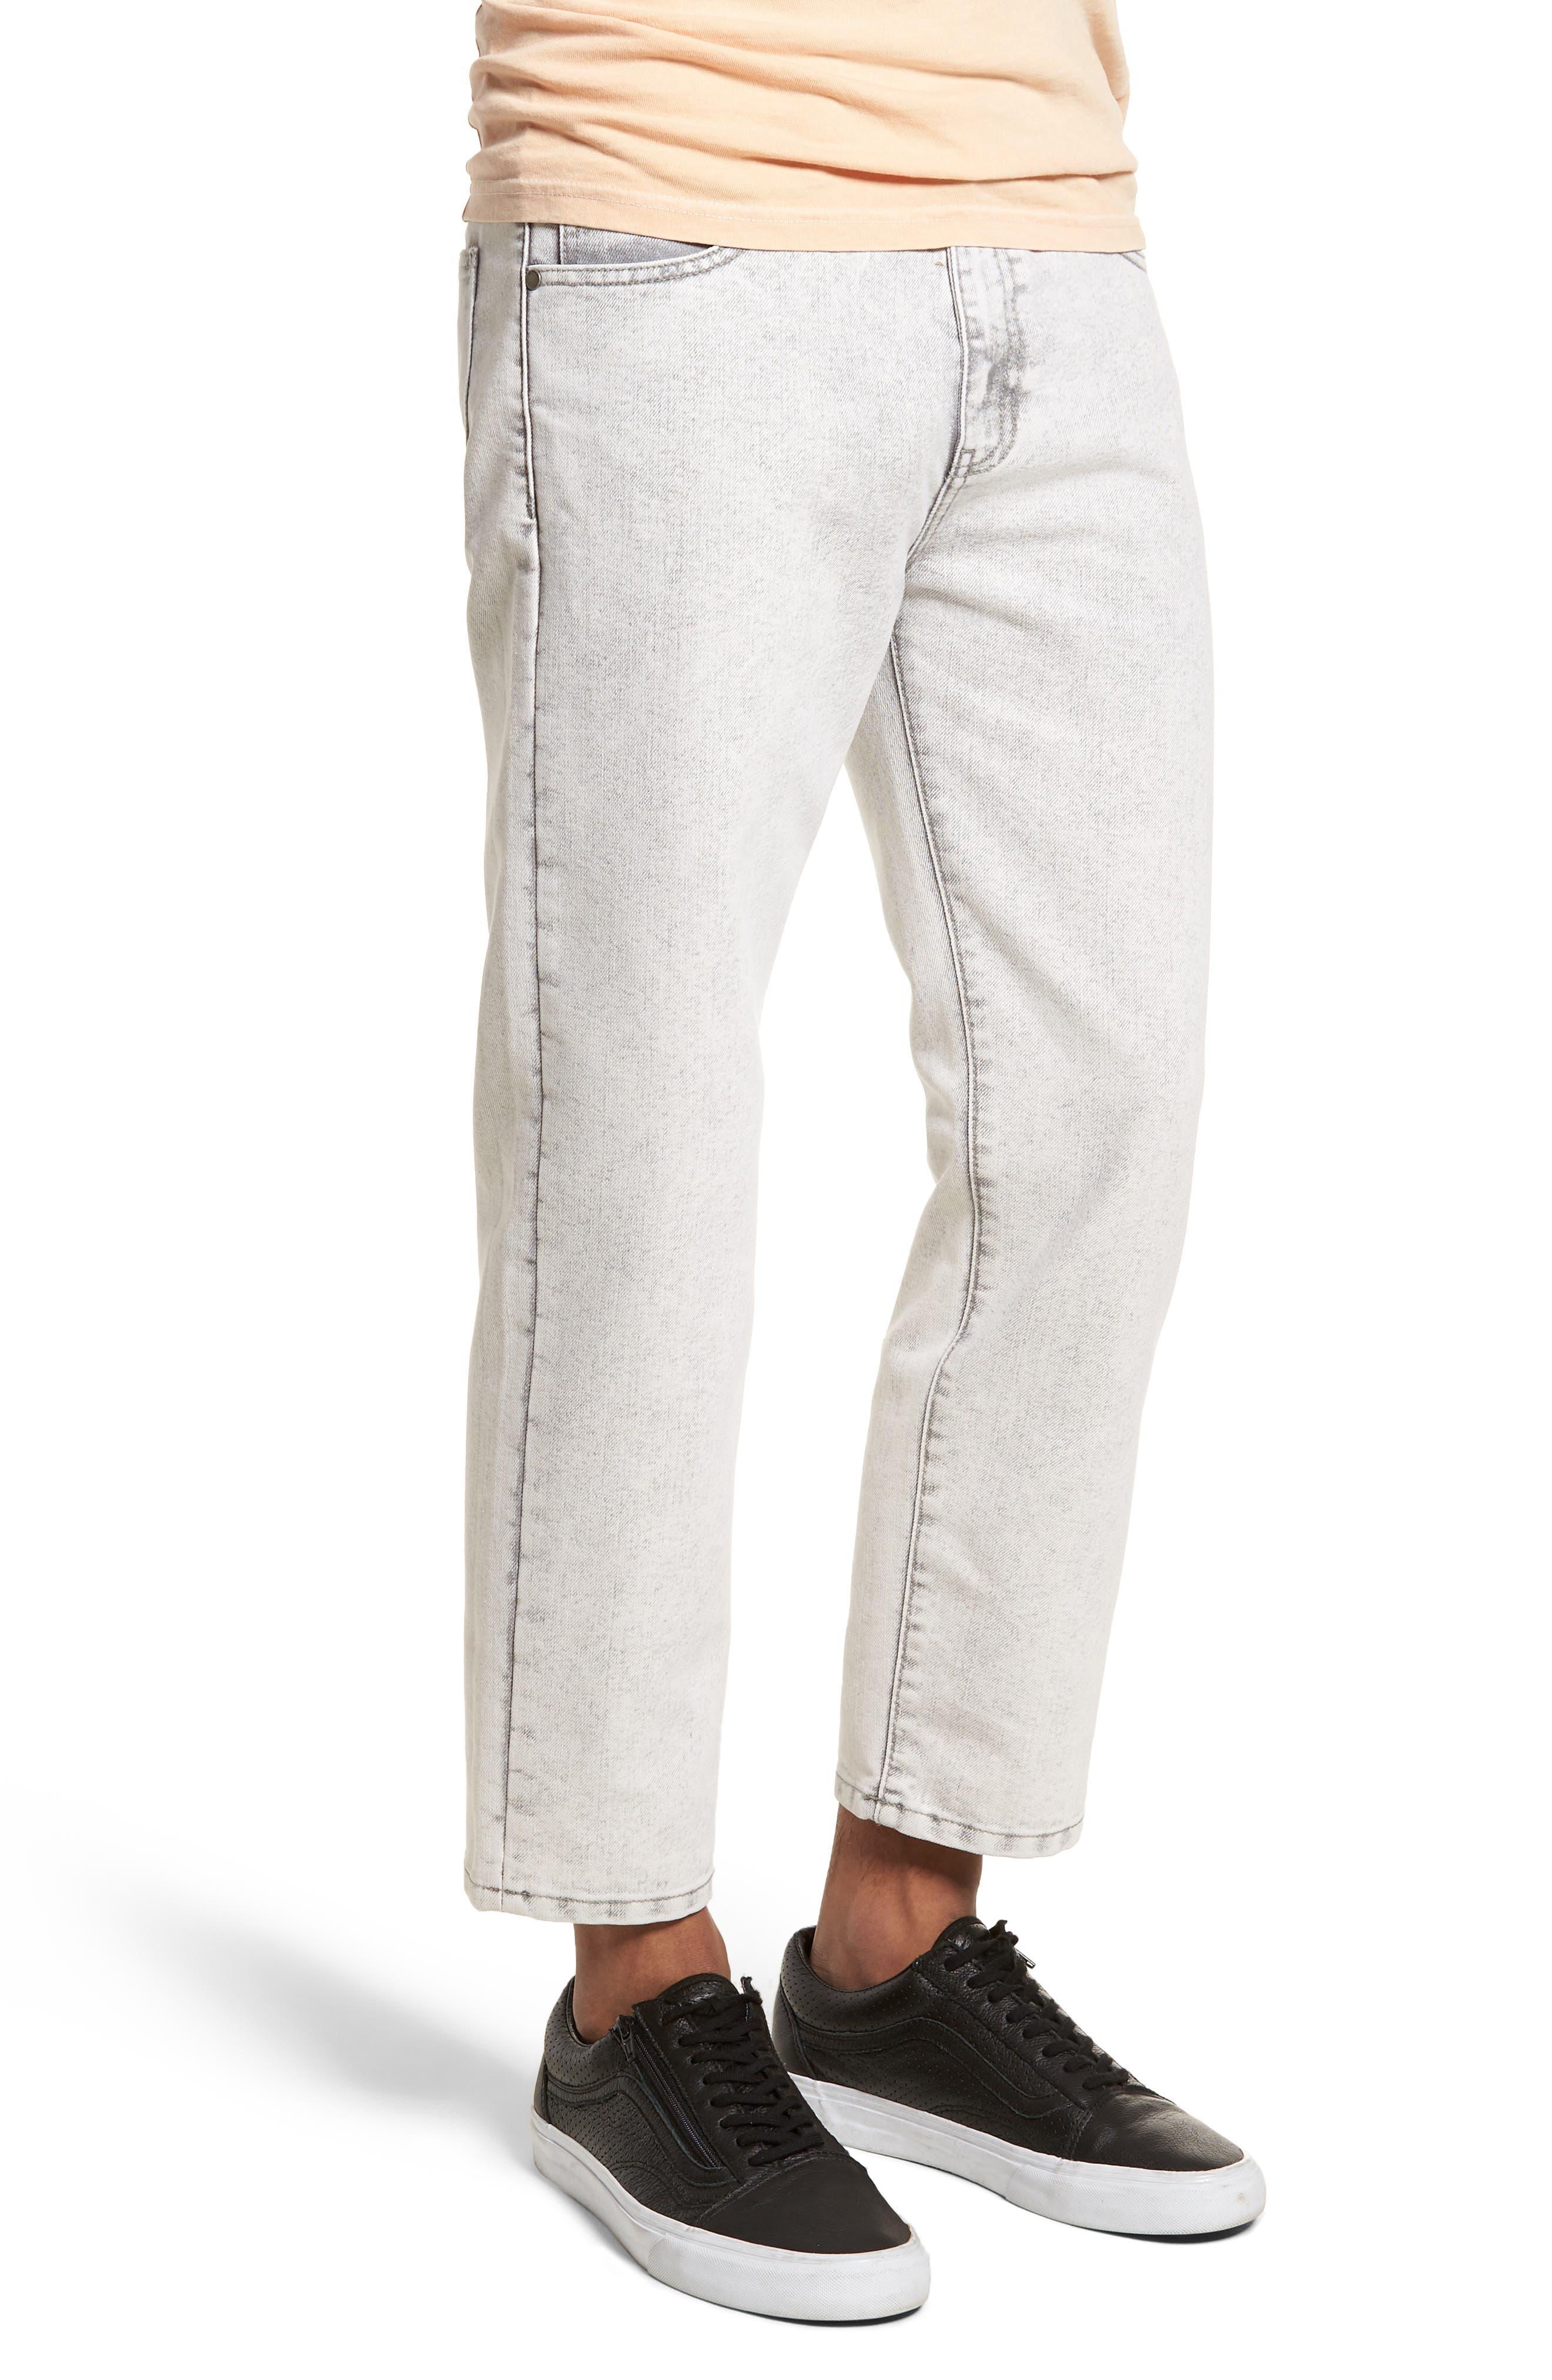 Dr. Denim Jeansmaker Otis Straight Fit Jeans,                             Alternate thumbnail 3, color,                             Dirty White